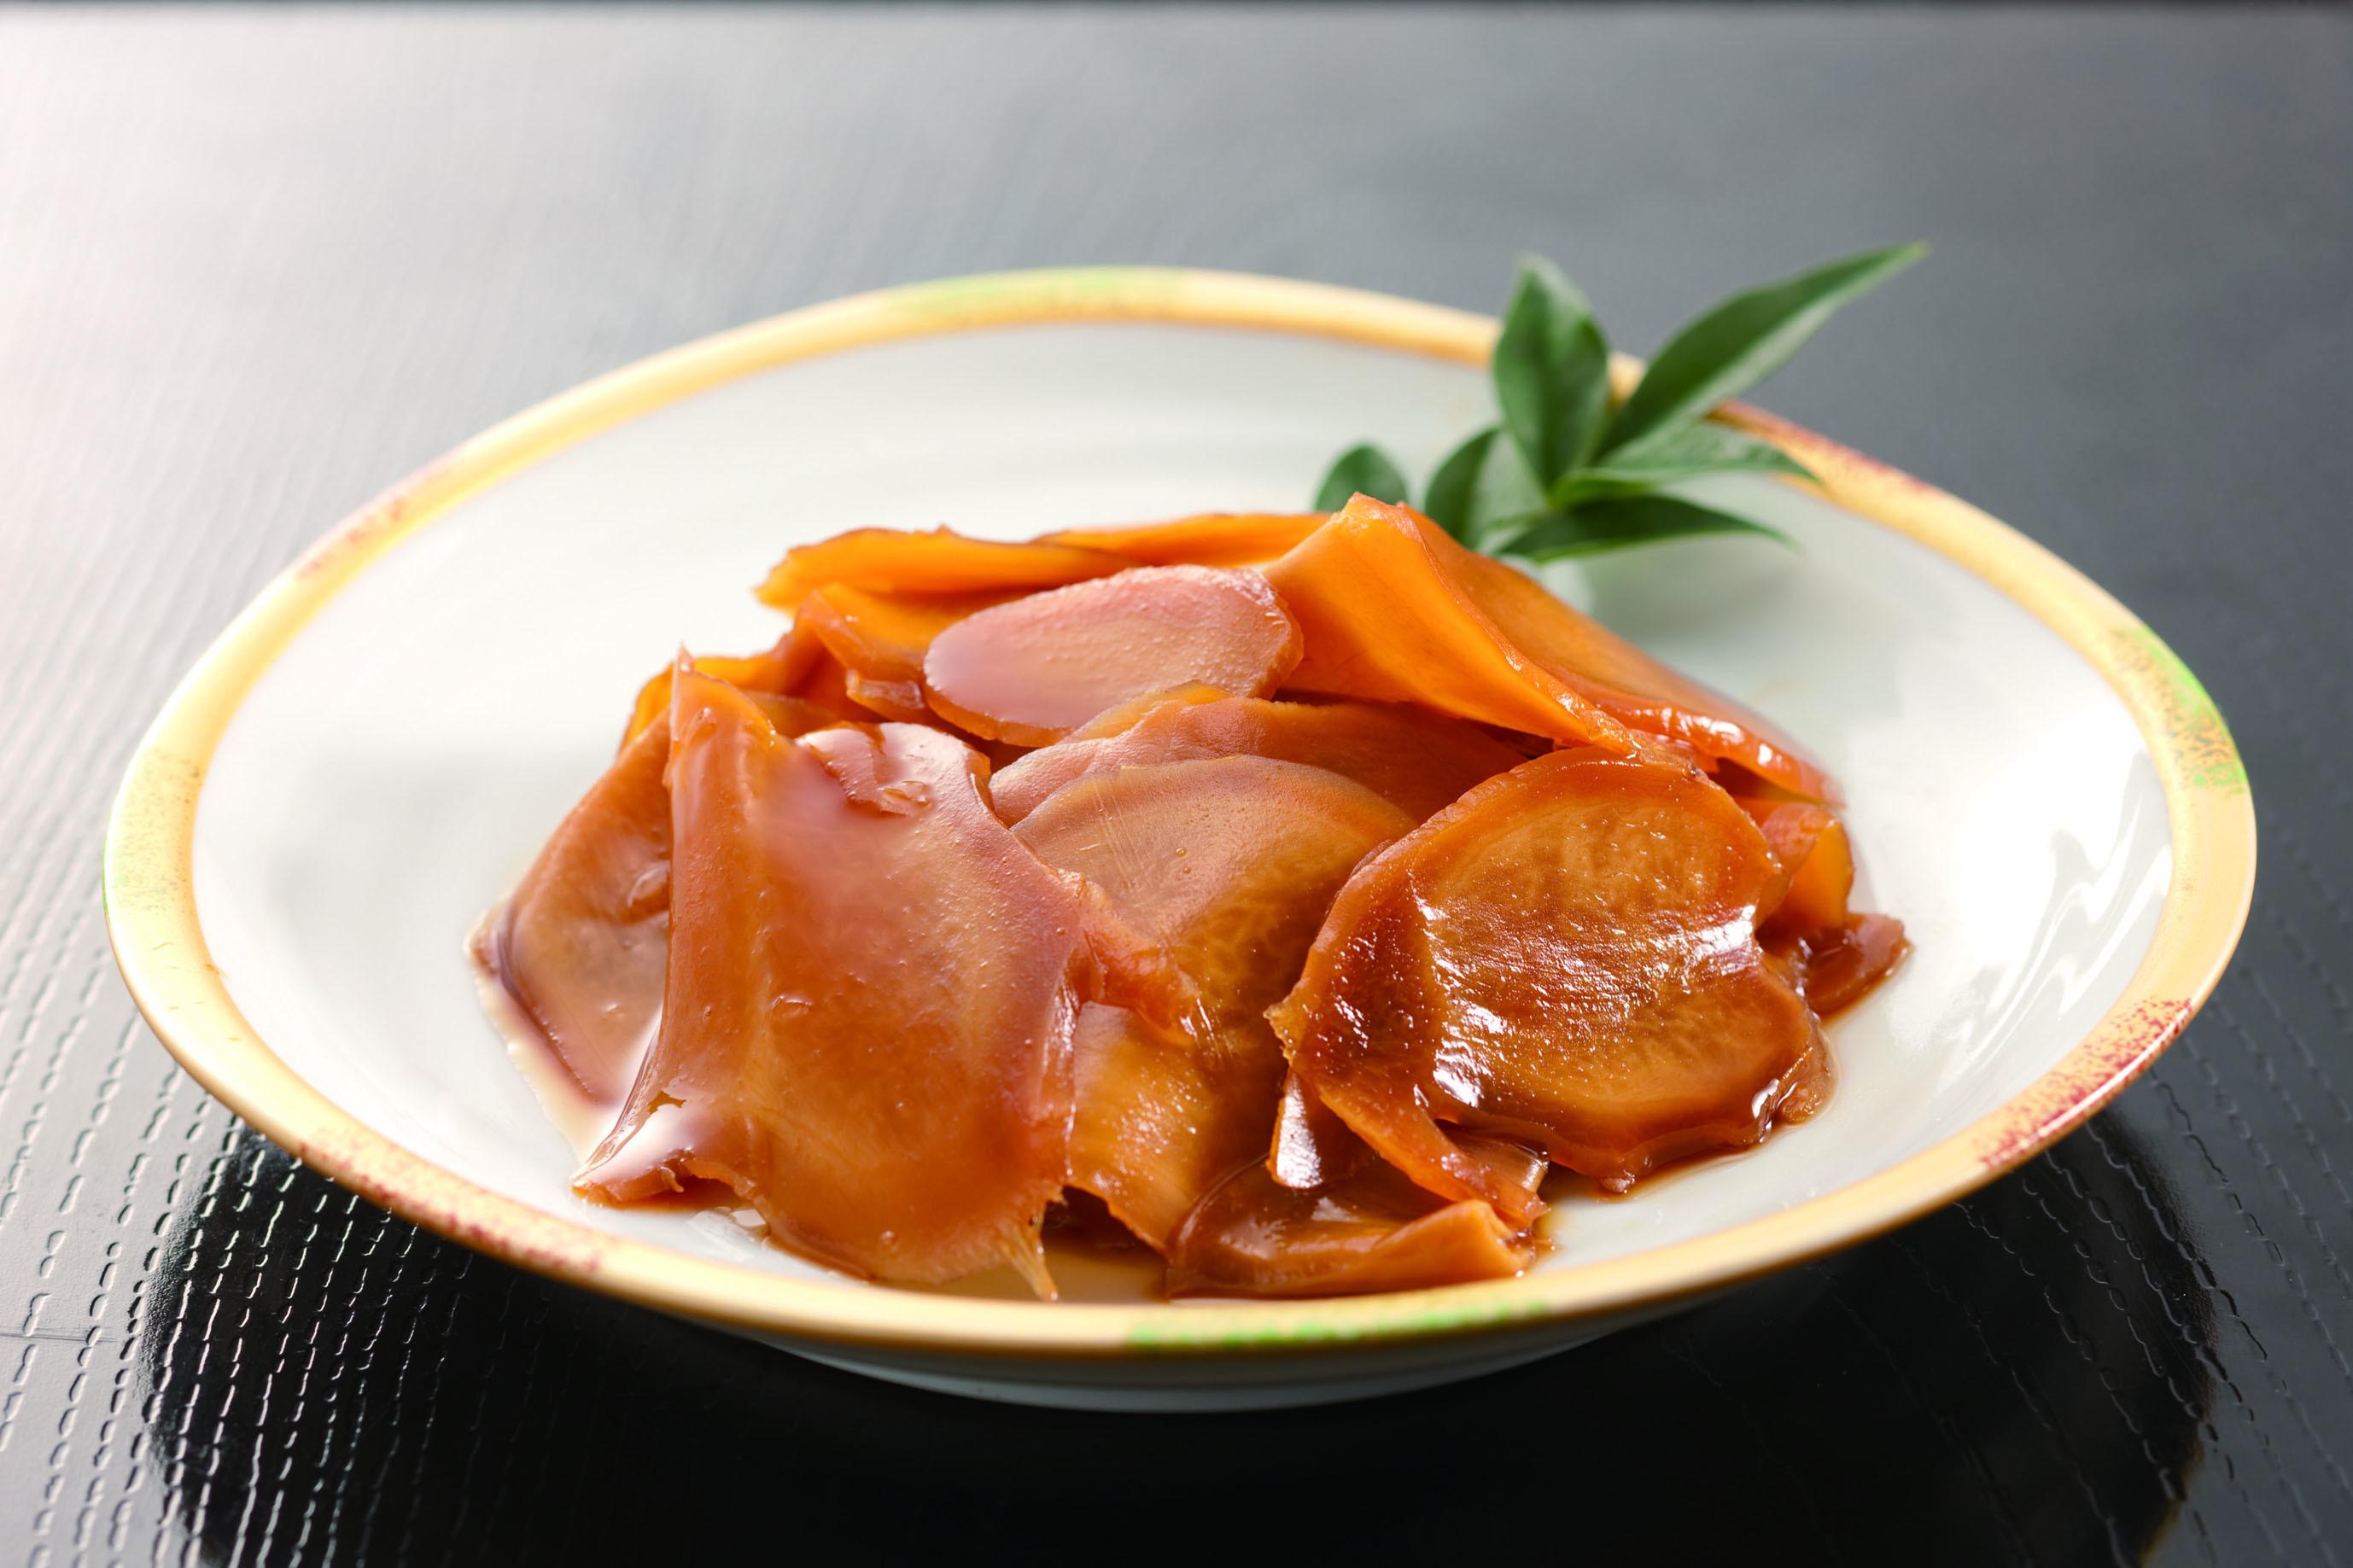 国産たまりしょうが!国産の生姜をスライスしたたまり漬けにしました!爽やかな味と香り!